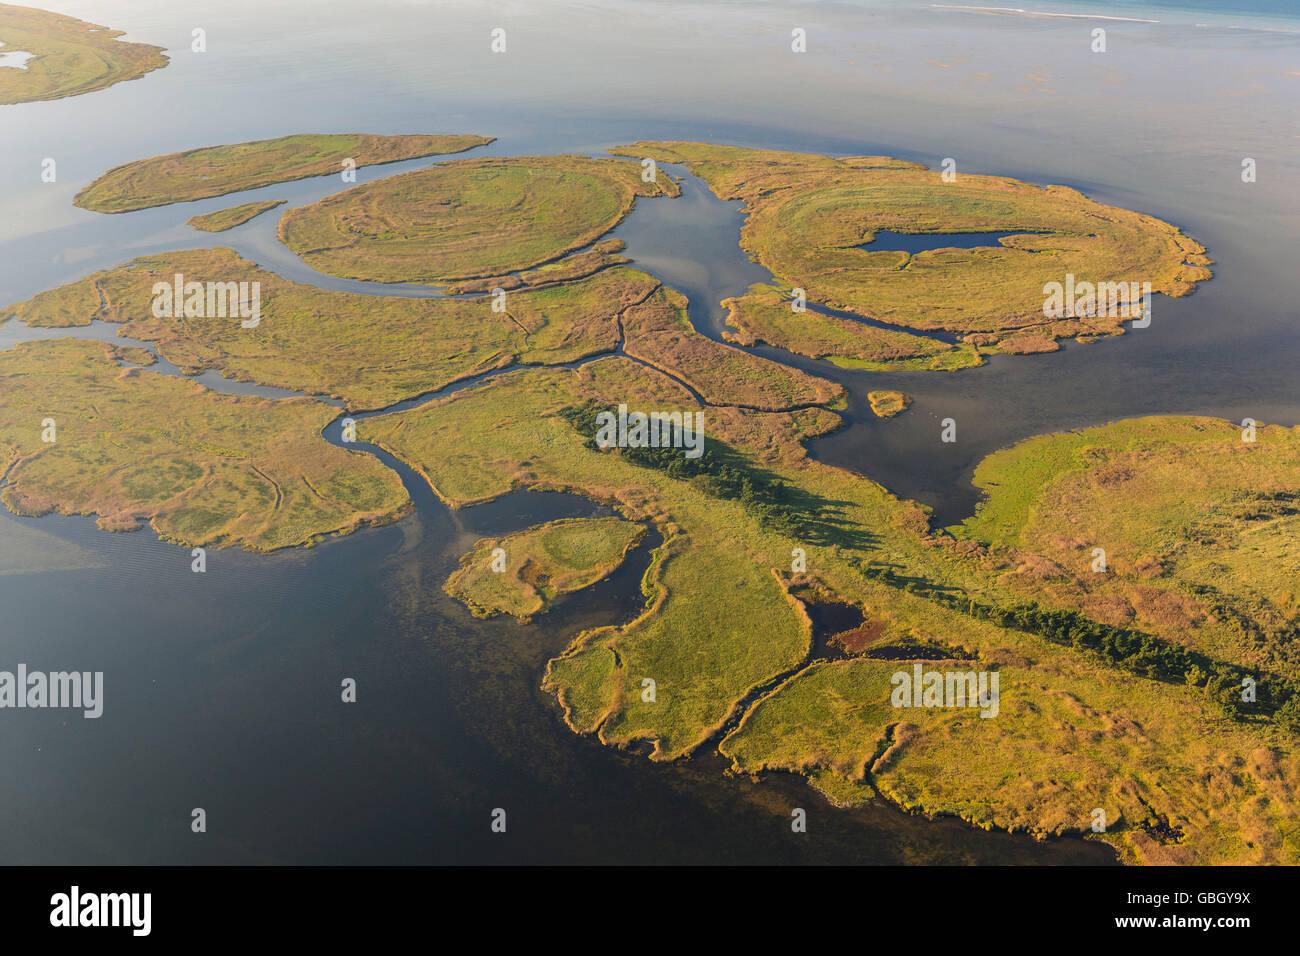 Kleine Werderinseln, Fischland-Darss-Zingst, national park Vorpommersche Boddenlandschaft, Mecklenburg-Western Pommerania, - Stock Image